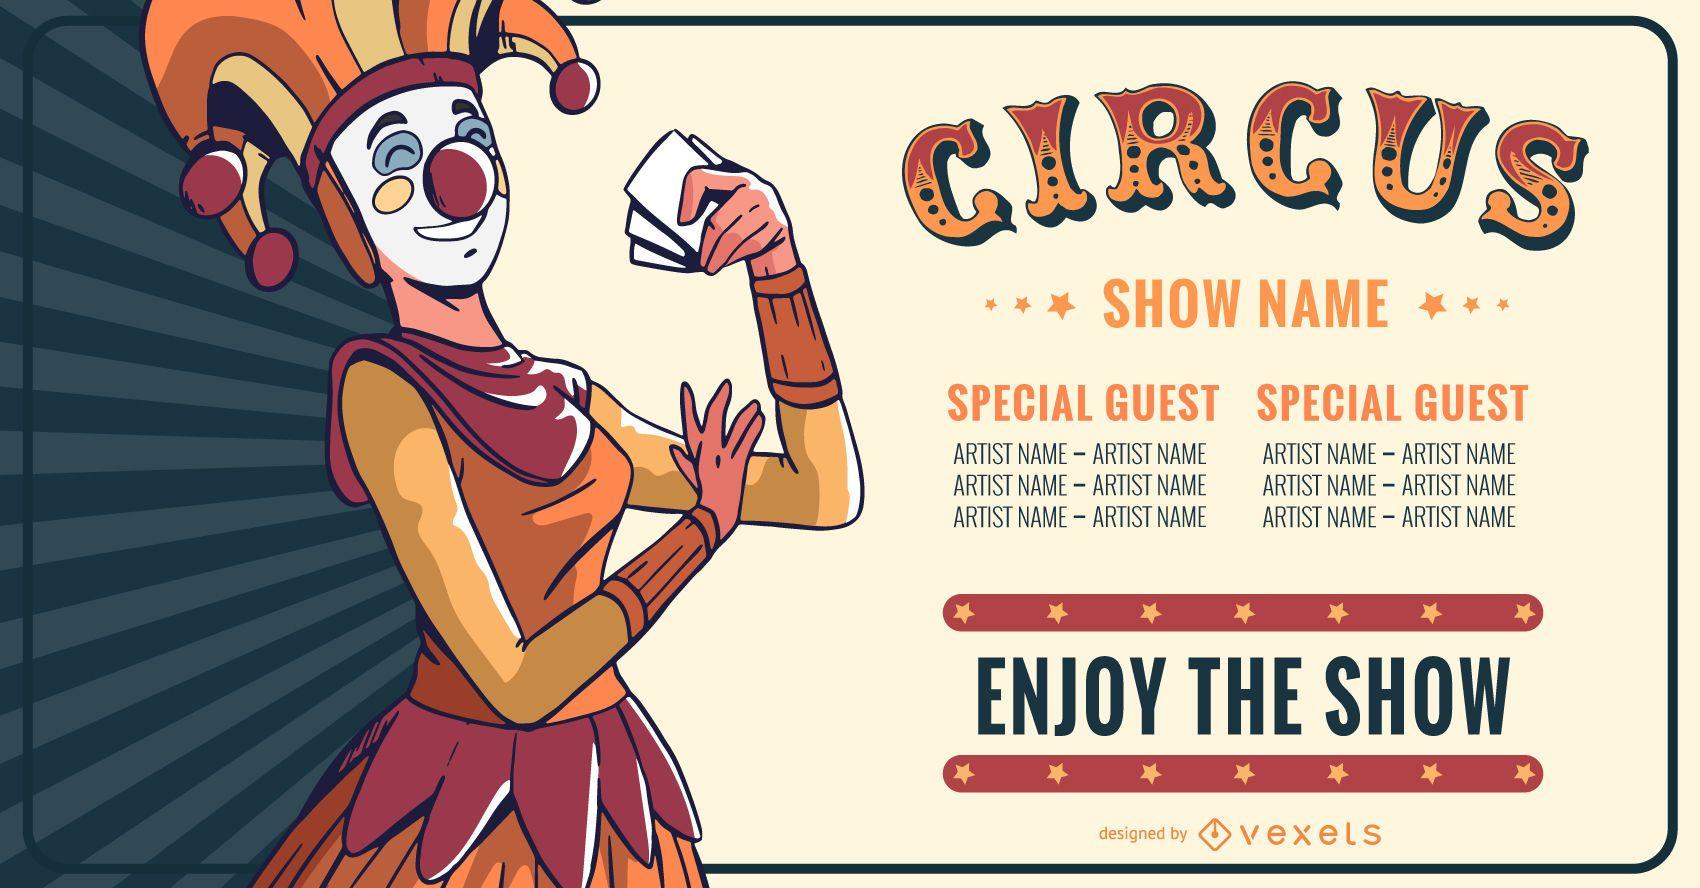 Diseño de banner editable de espectáculo de circo